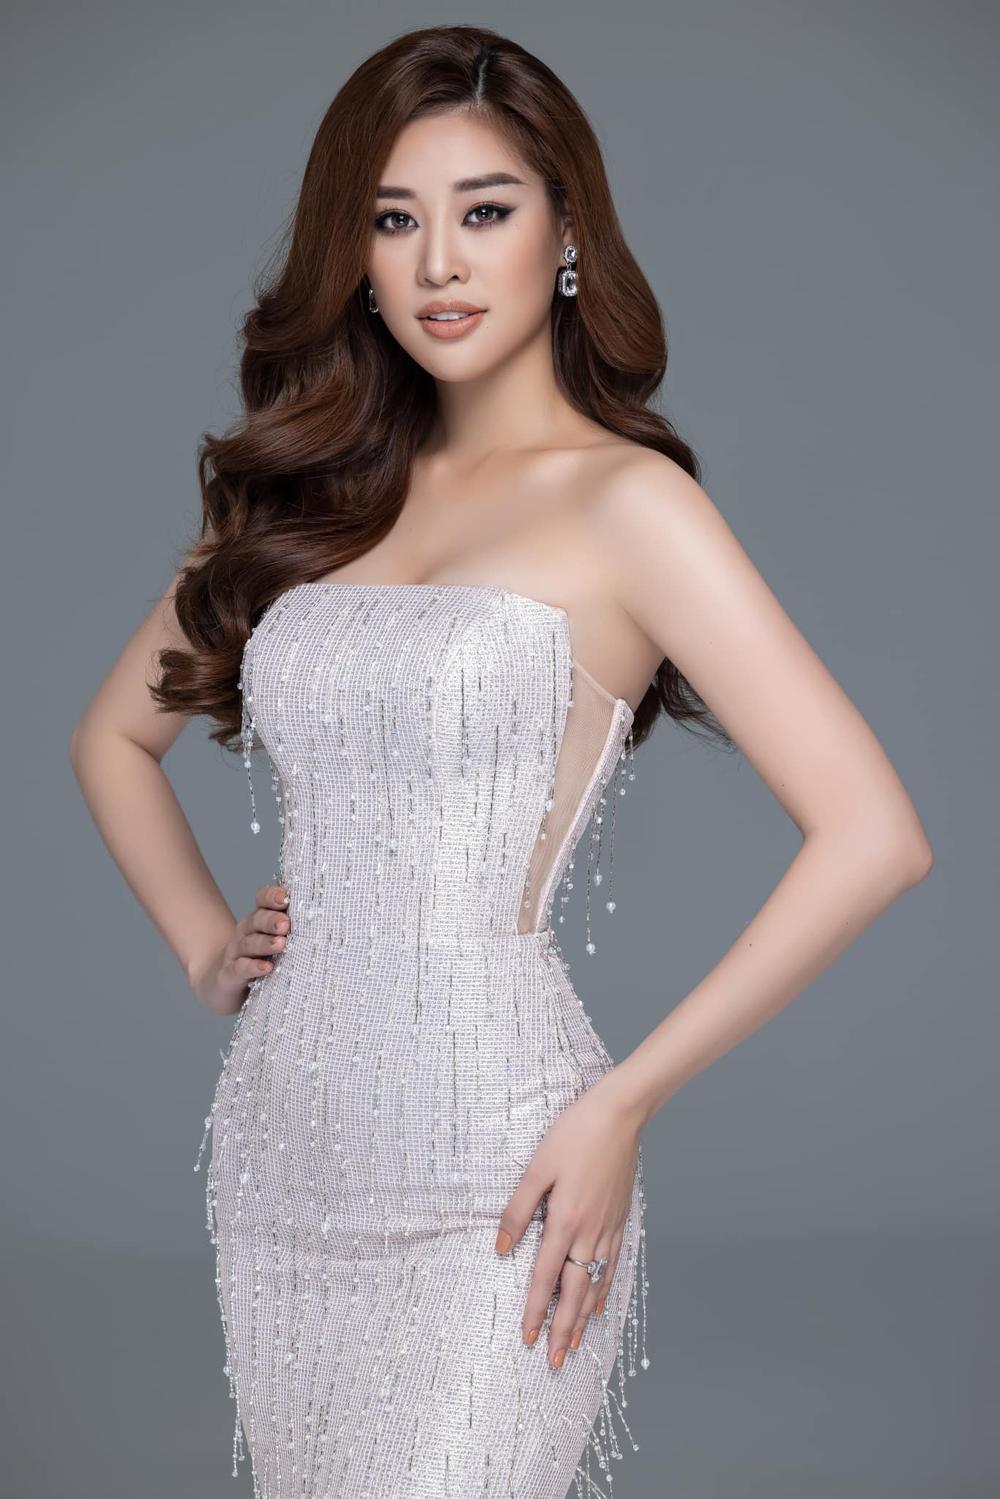 Missosology loại thẳng Khánh Vân ra khỏi Top 20, đưa Philippines Top 5 Miss Universe: Fan phản ứng dữ dội Ảnh 9